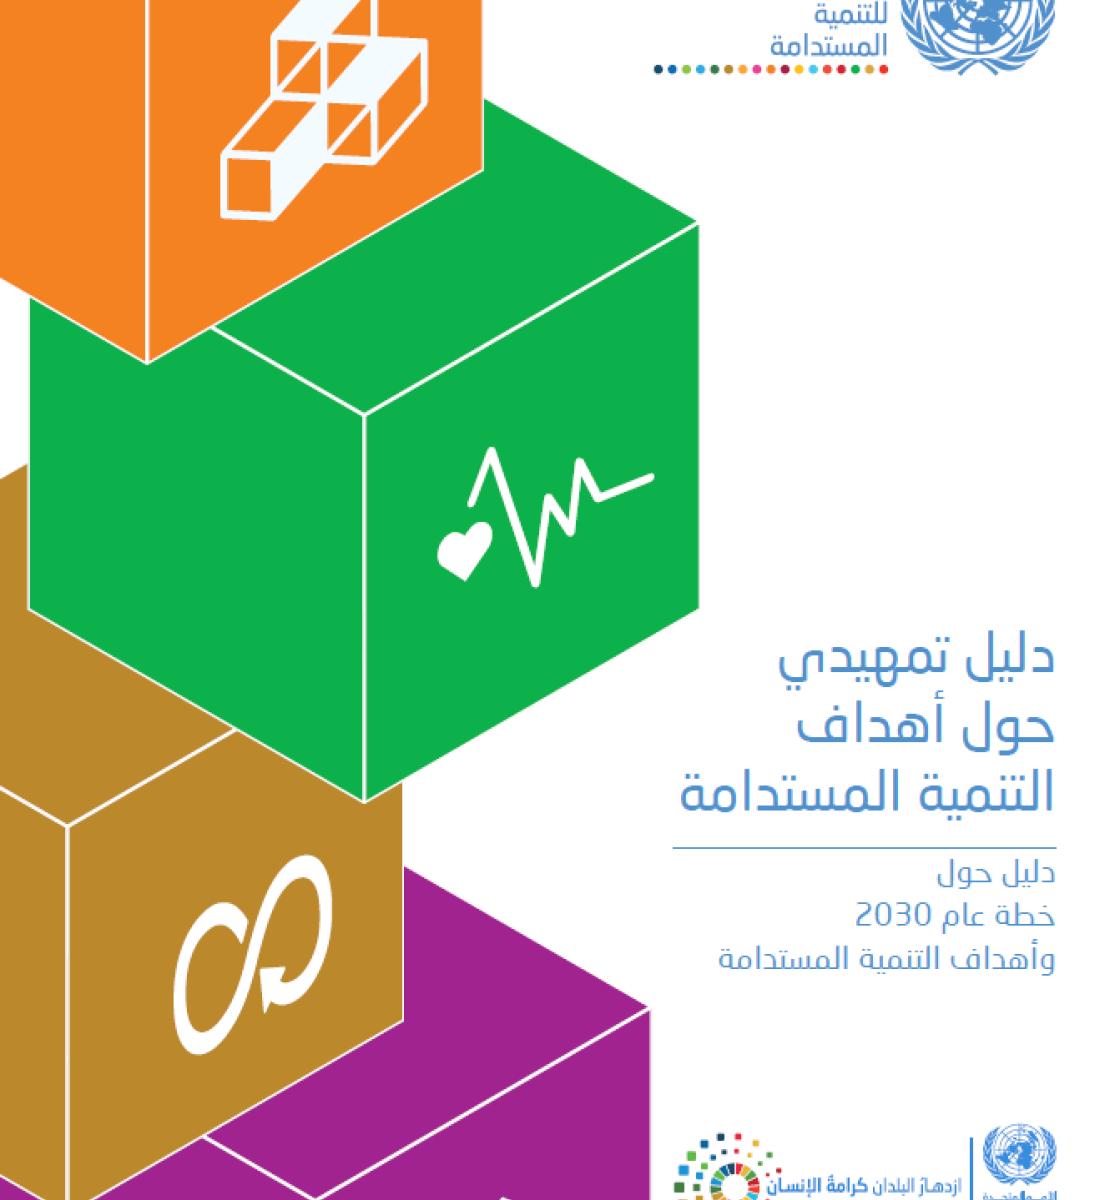 غلاف الدليل التمهيدي حول أهداف التنمية المستدامة